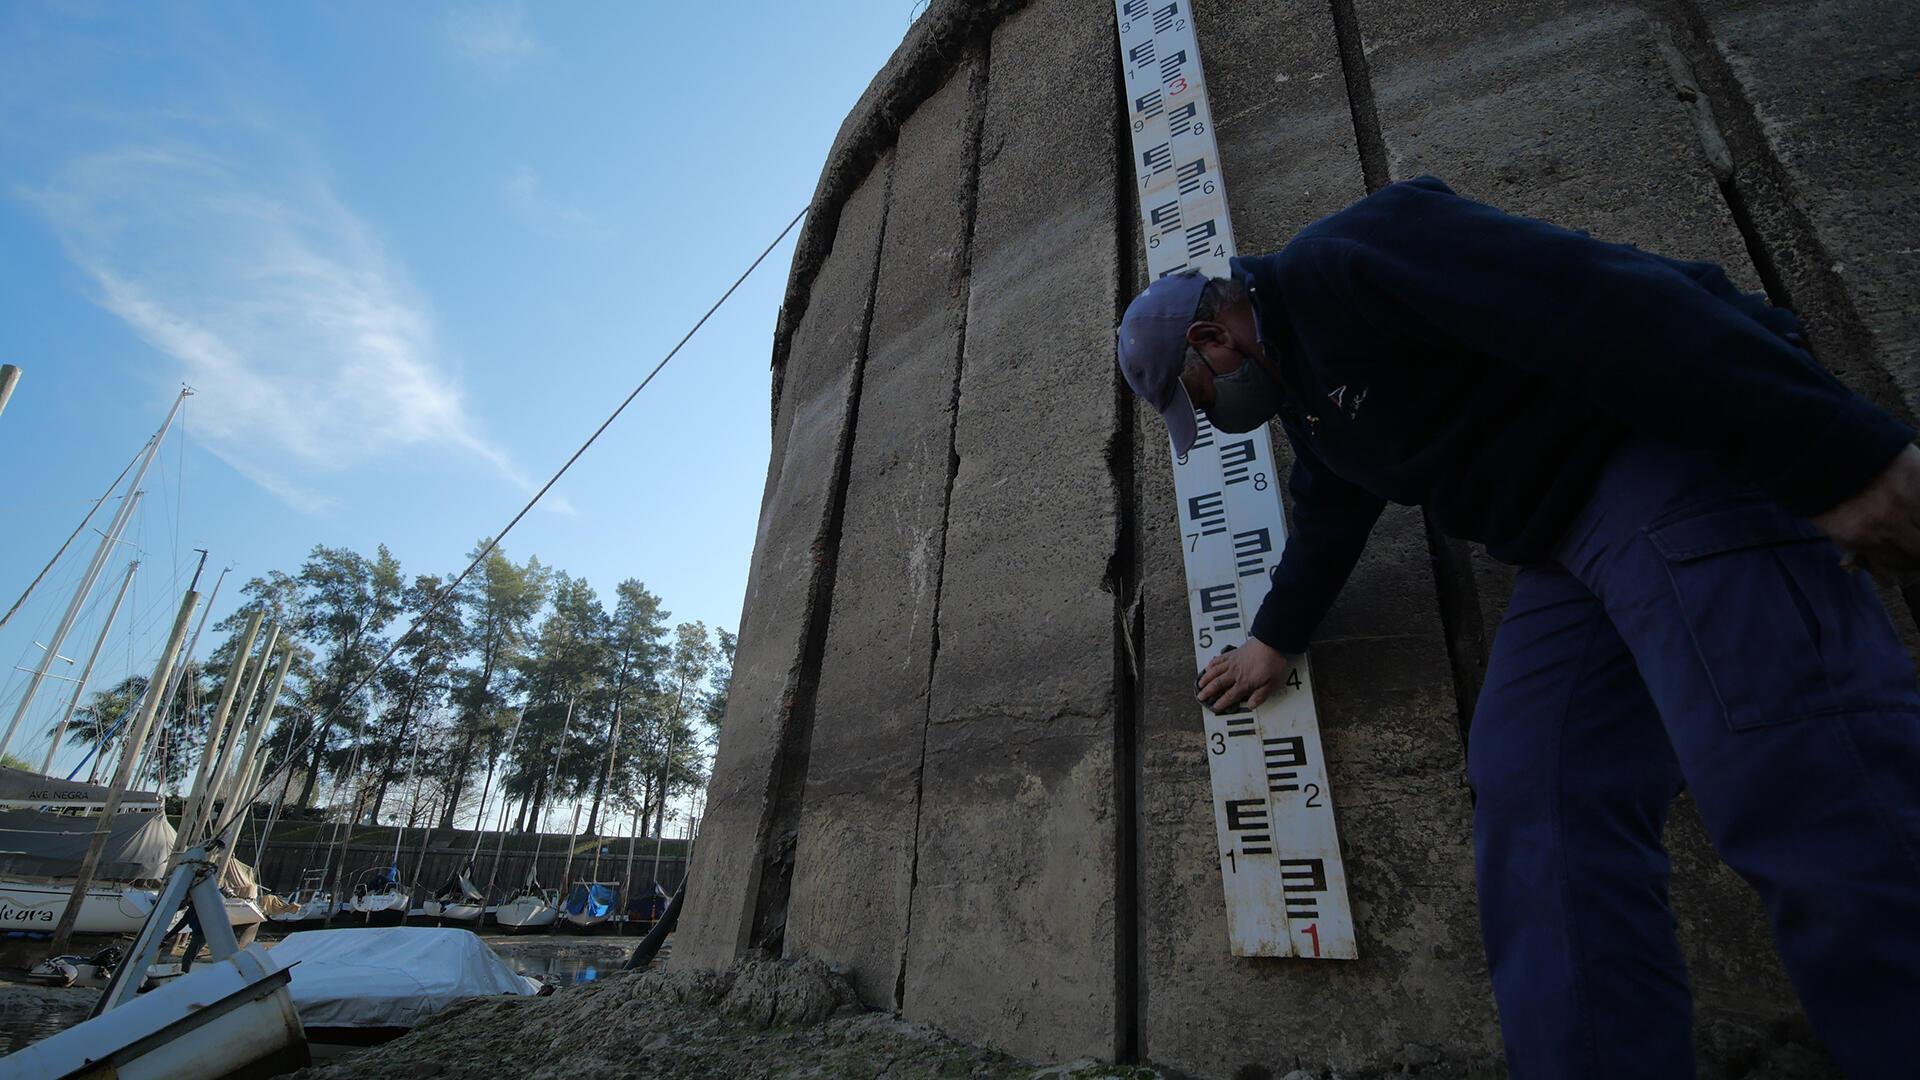 Argentine - Baisse historique du Rio Parana - Grand reportage Théo Conscience - photo 2